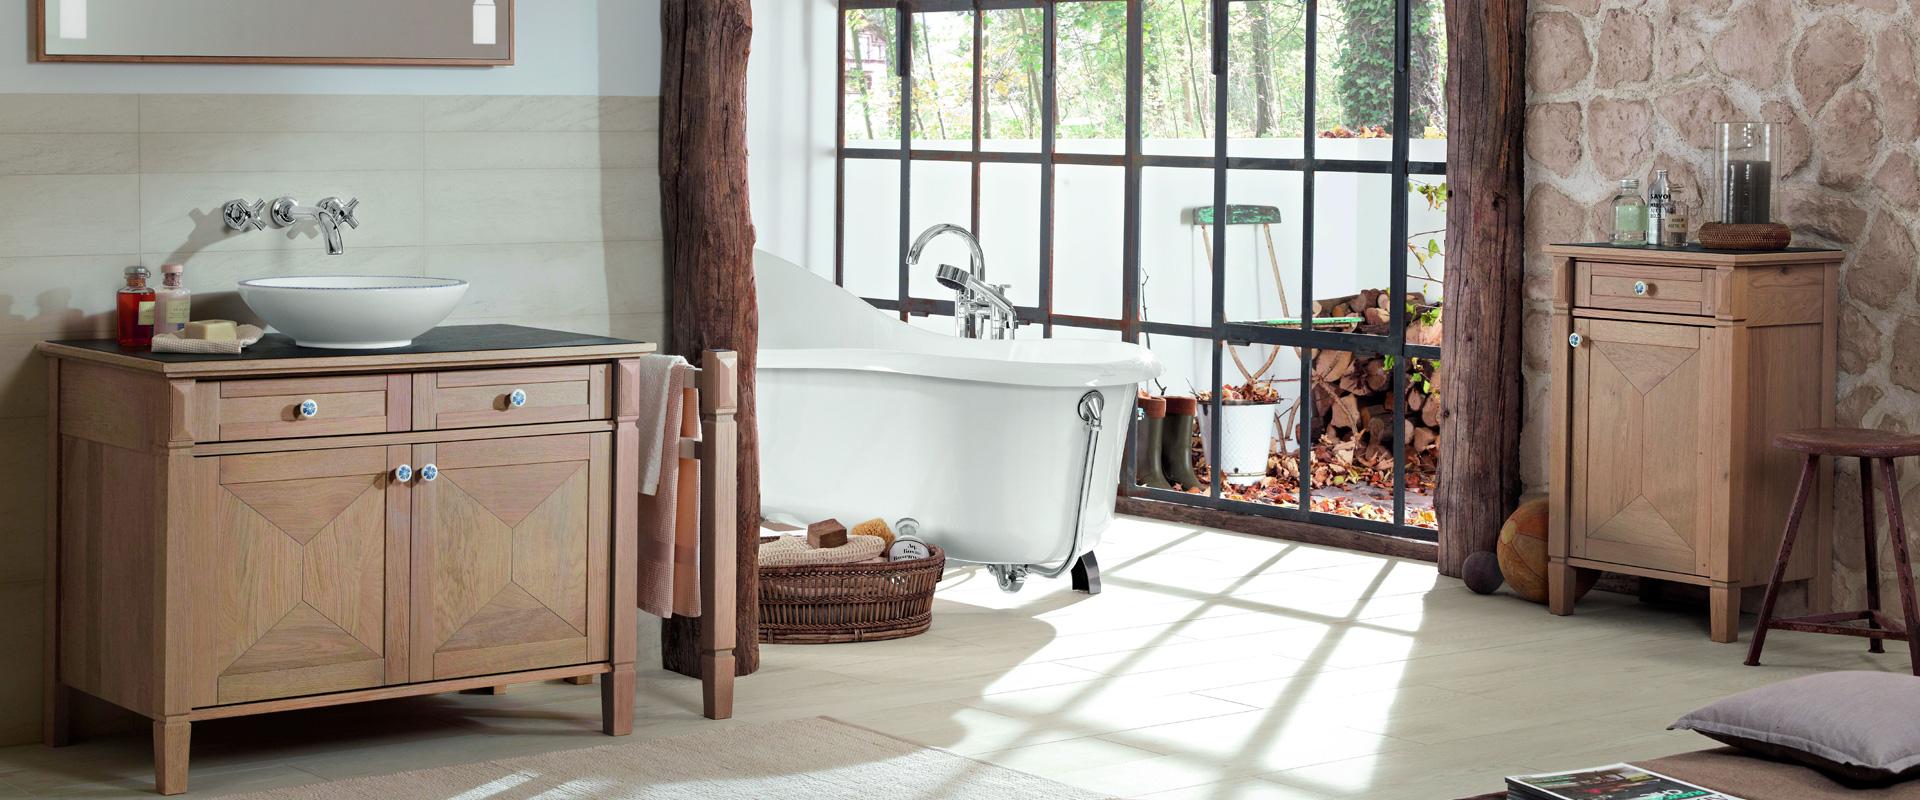 Mobili arredo bagno in legno - Consigli per la cura - Villeroy & Boch